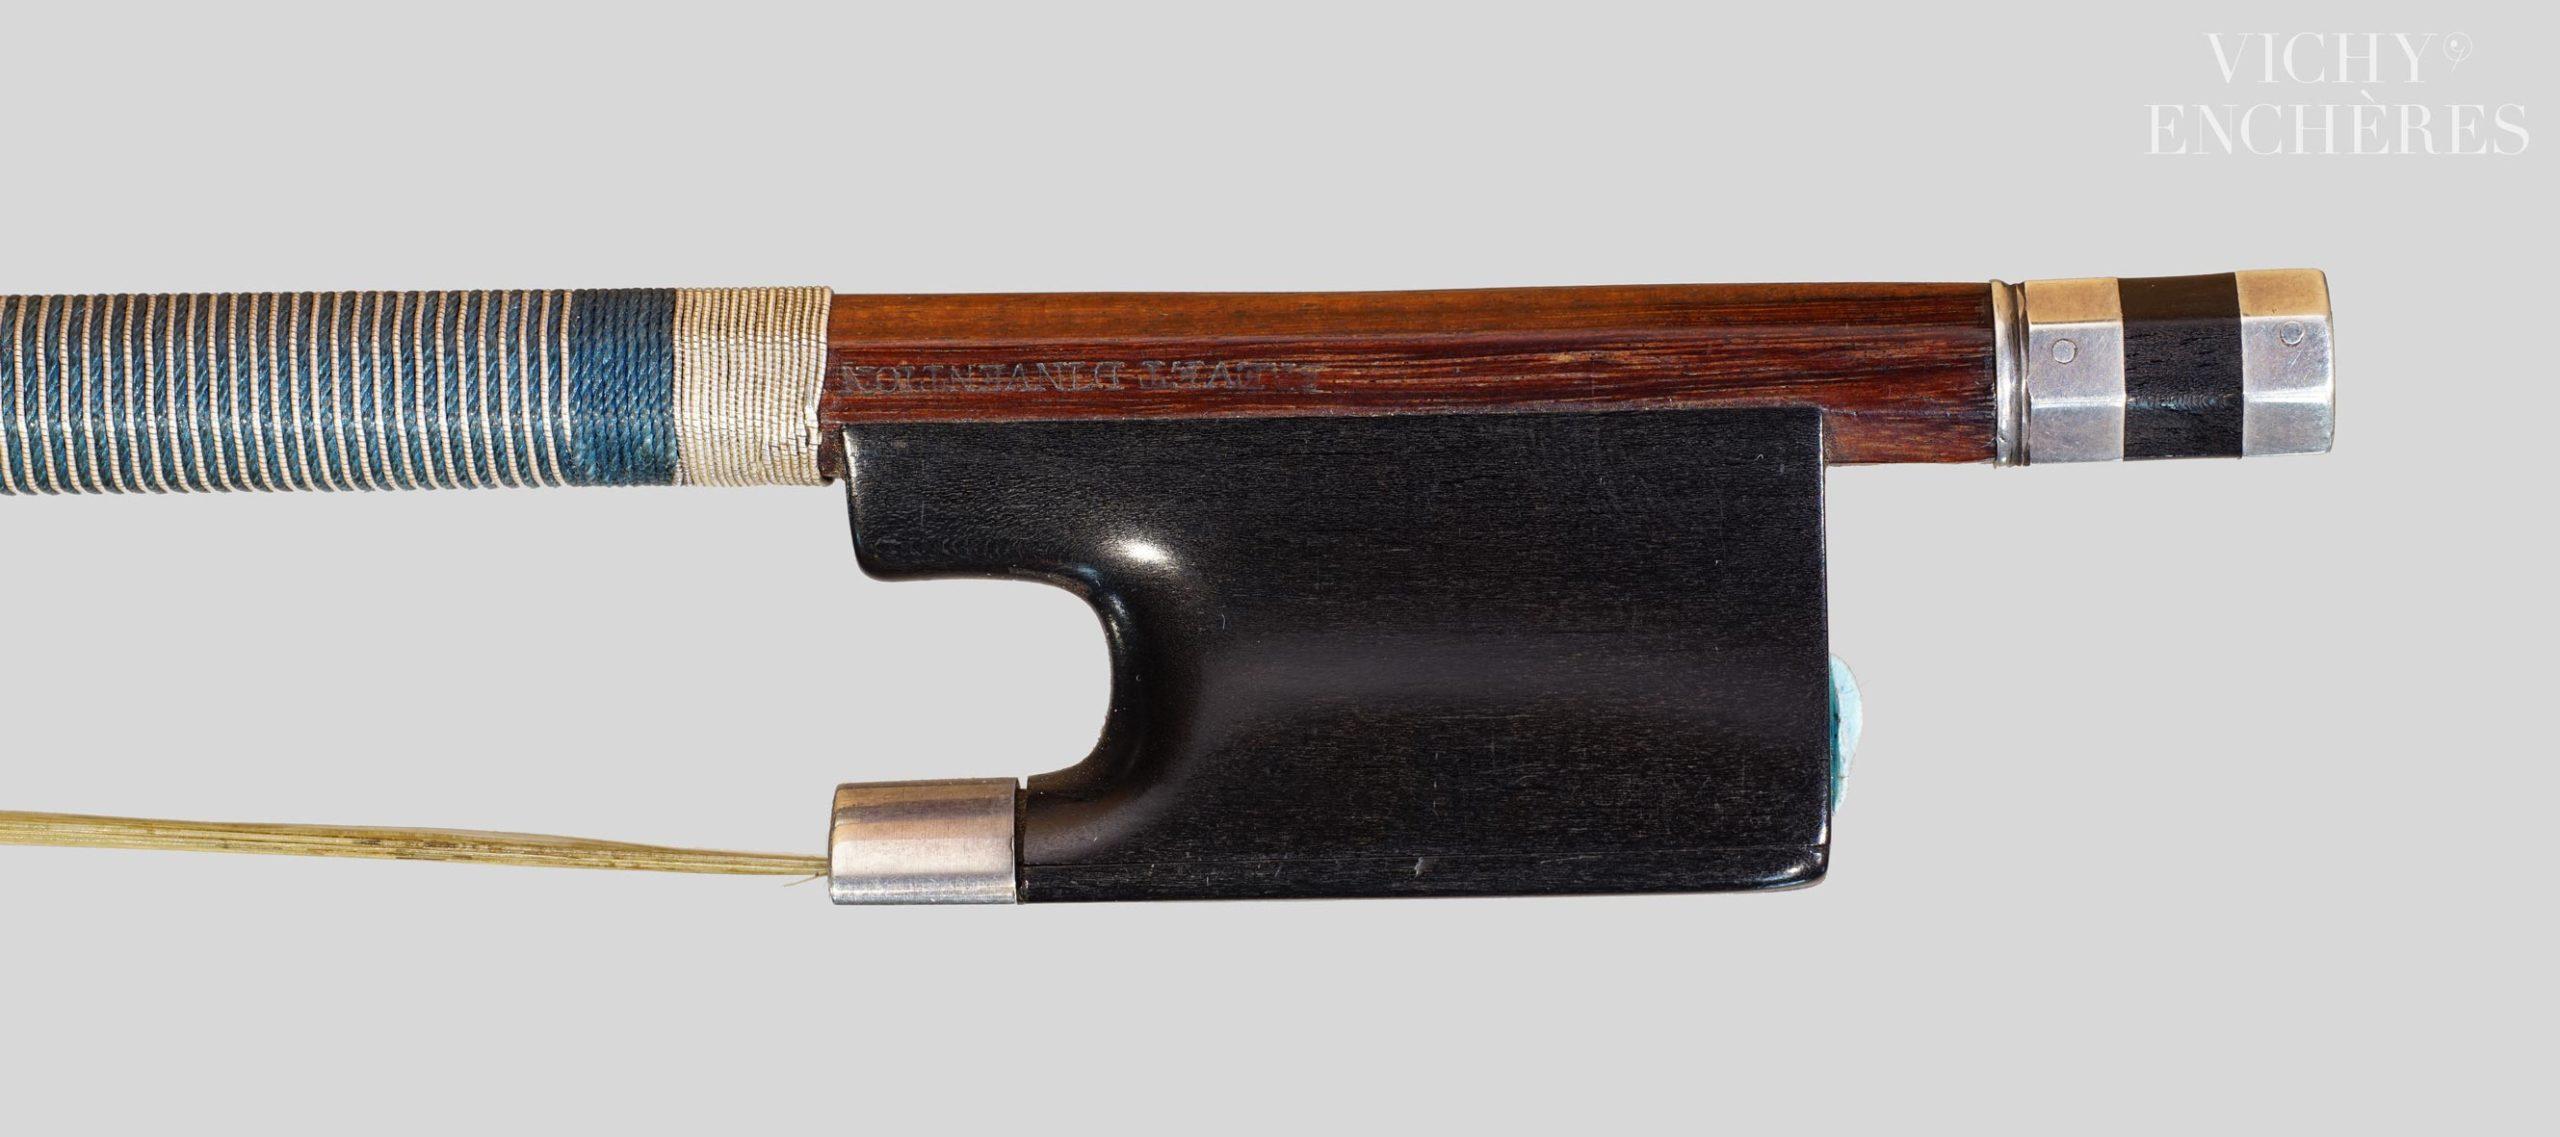 Archet de violon de Nicolas MAIRE, fait en modèle à mèche interchangeable